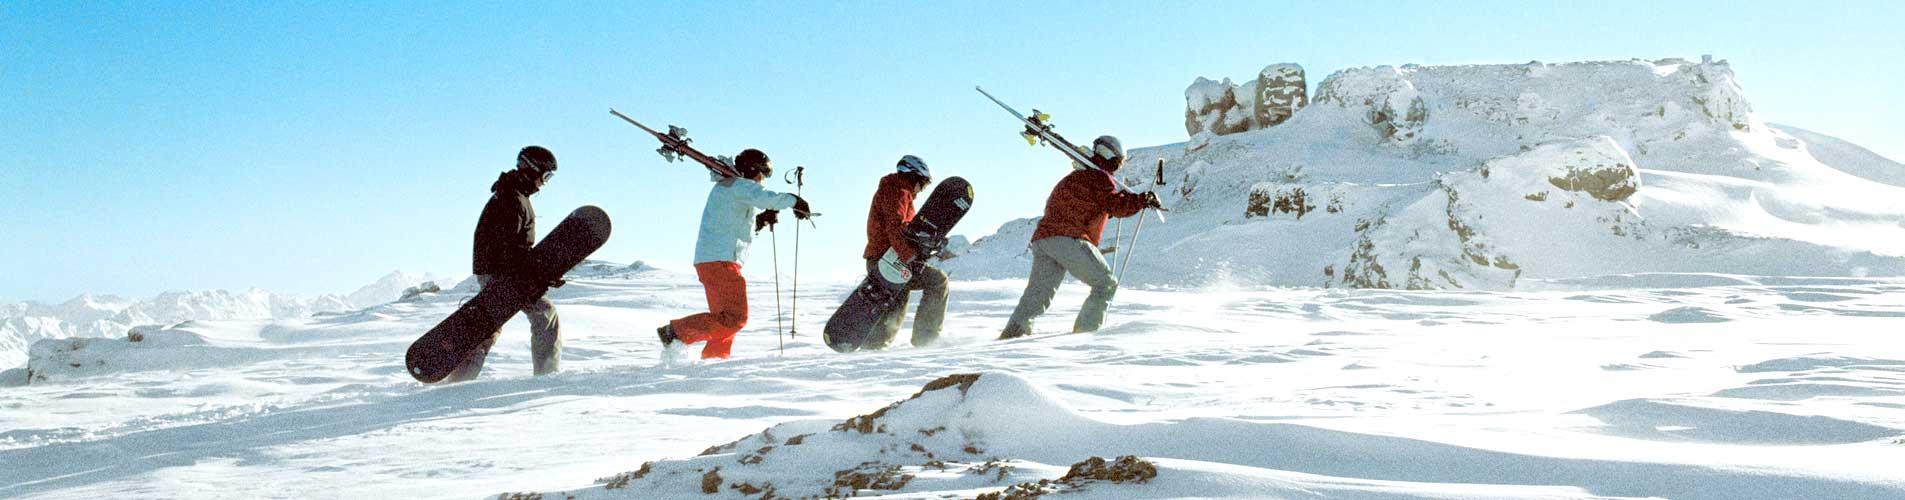 Skiurlaub im Sportclub Zillertal —